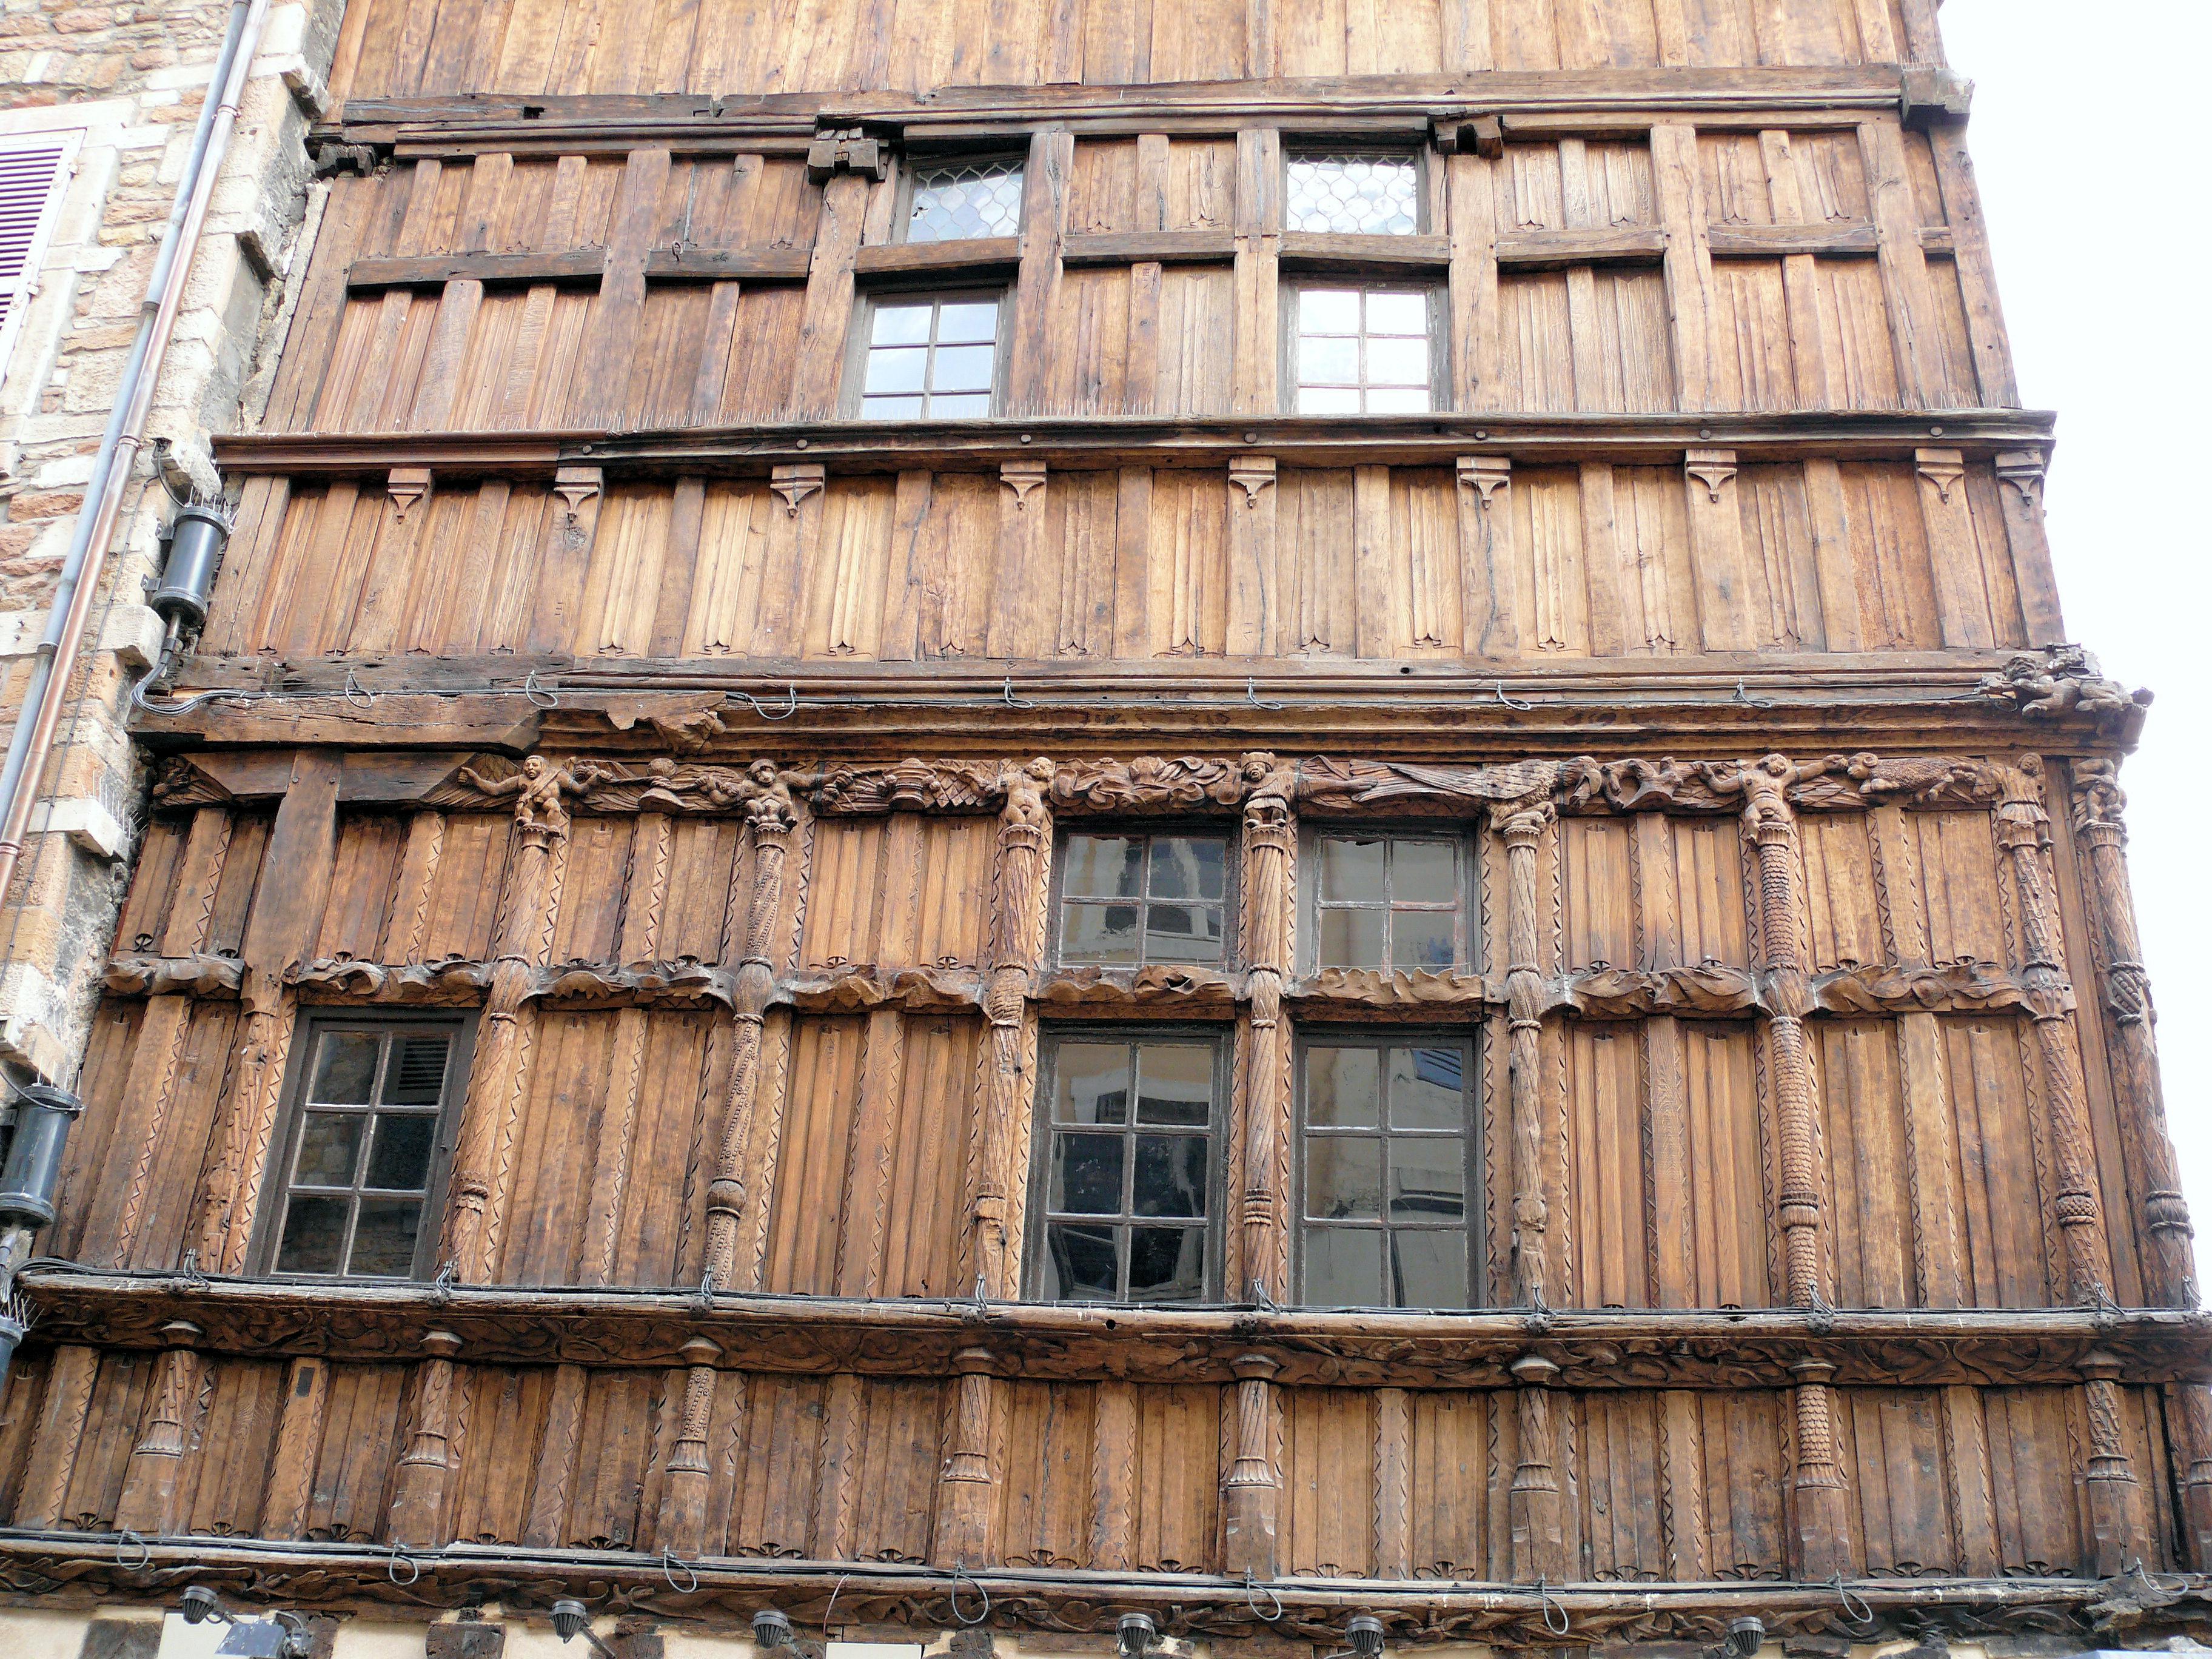 Maison de bois macon segu maison - La maison de bois macon ...